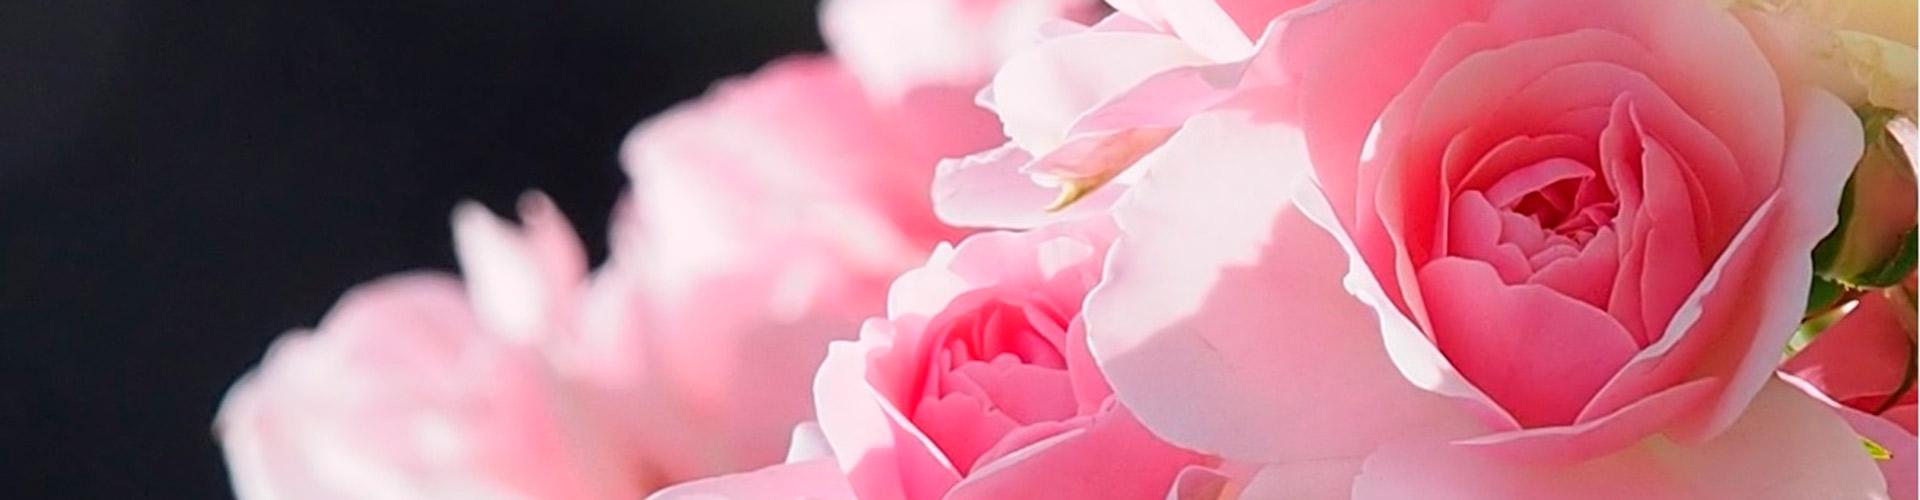 Les Journées de la Rose sont également l'occasion d'une promenade dans le vaste domaine de Chaalis...